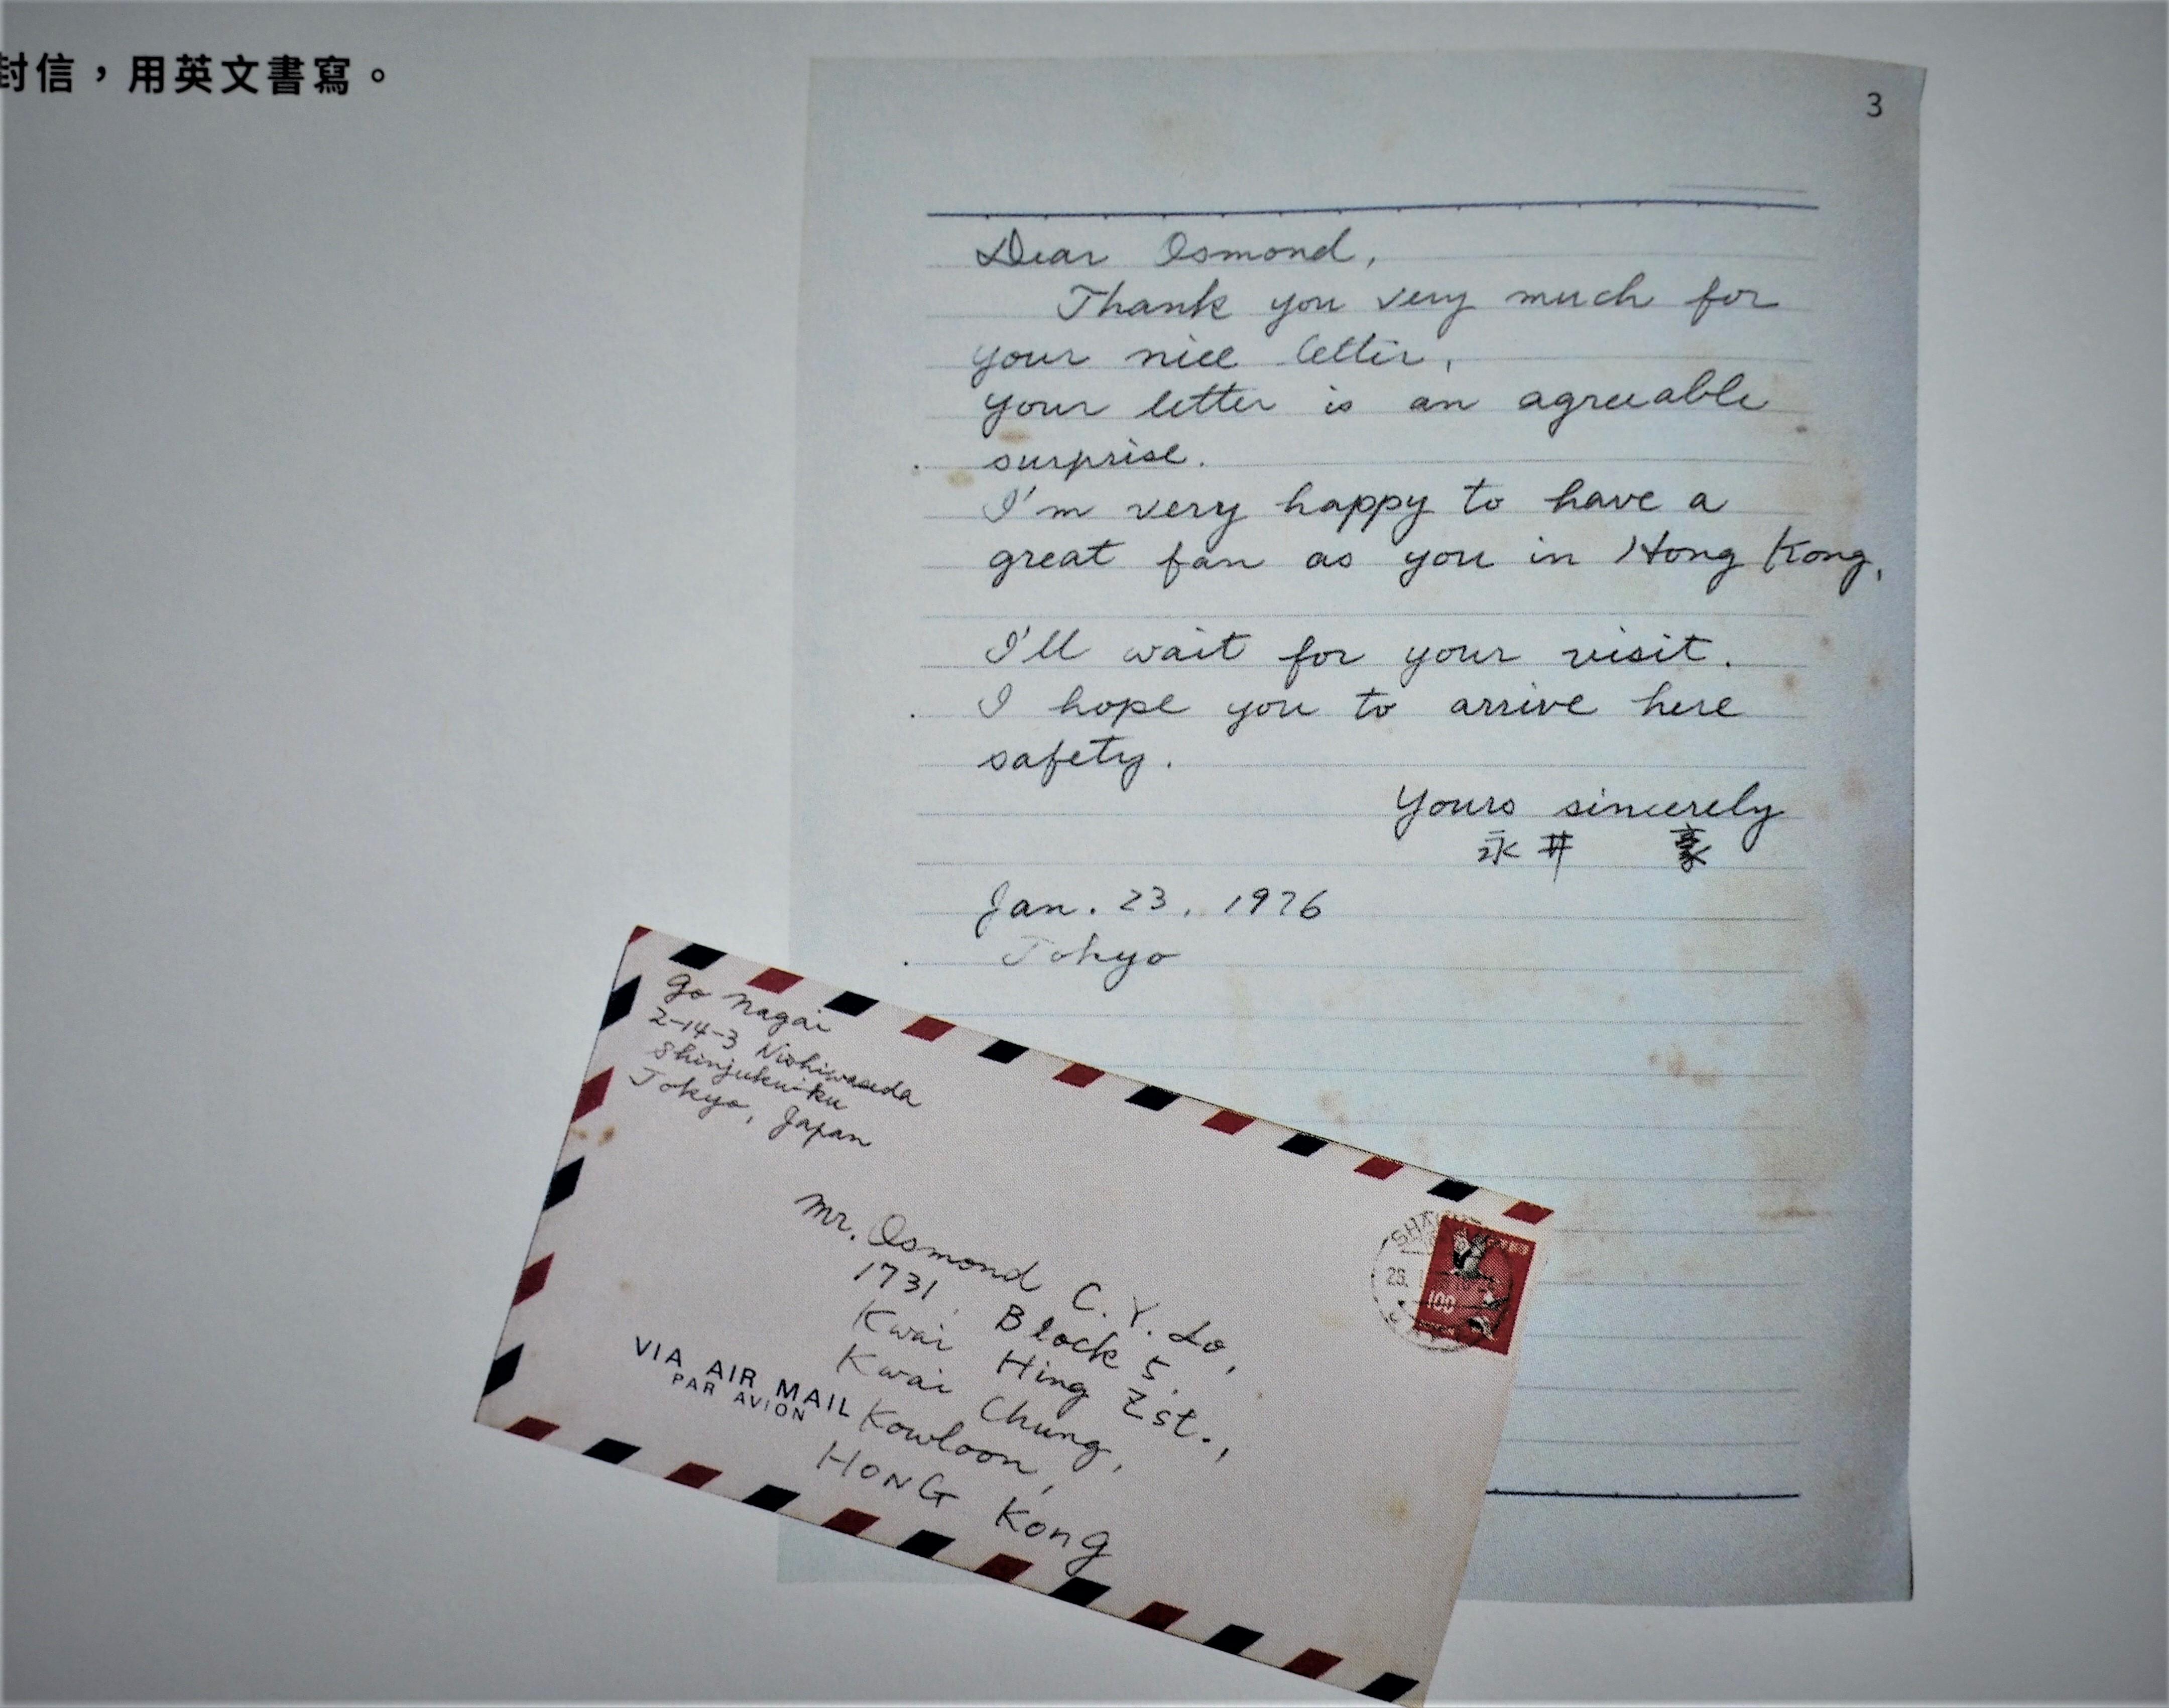 三十一歲的永井豪用英文回信給十六歲的子英,歡迎他到訪。